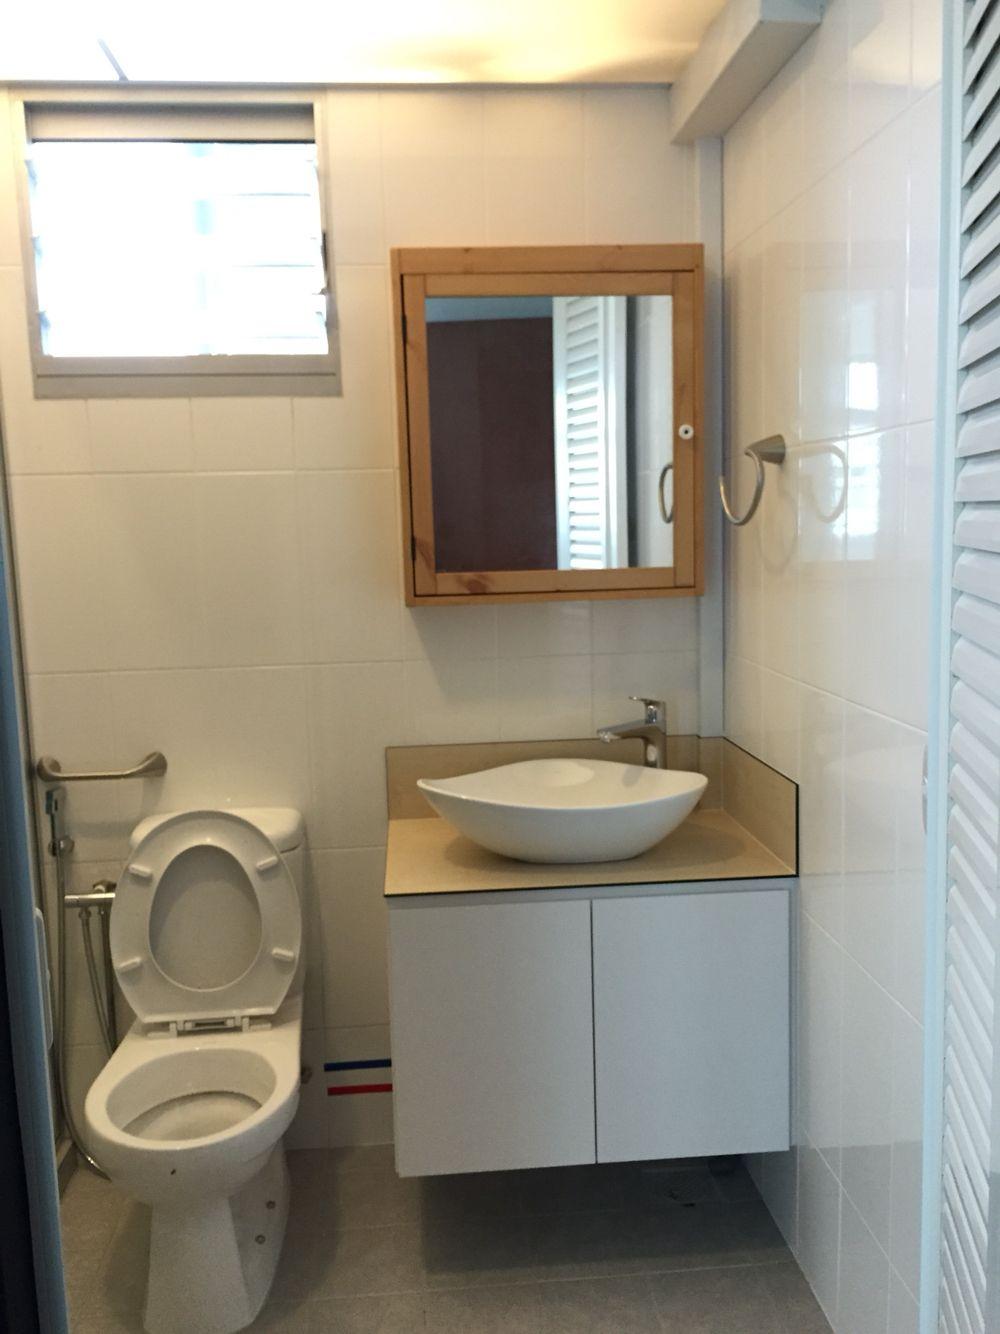 Bathroom Washroom Design Spa Bathroom Design Ideas: IKEA Mirror Cabinet Washroom Wood Basin Hdb